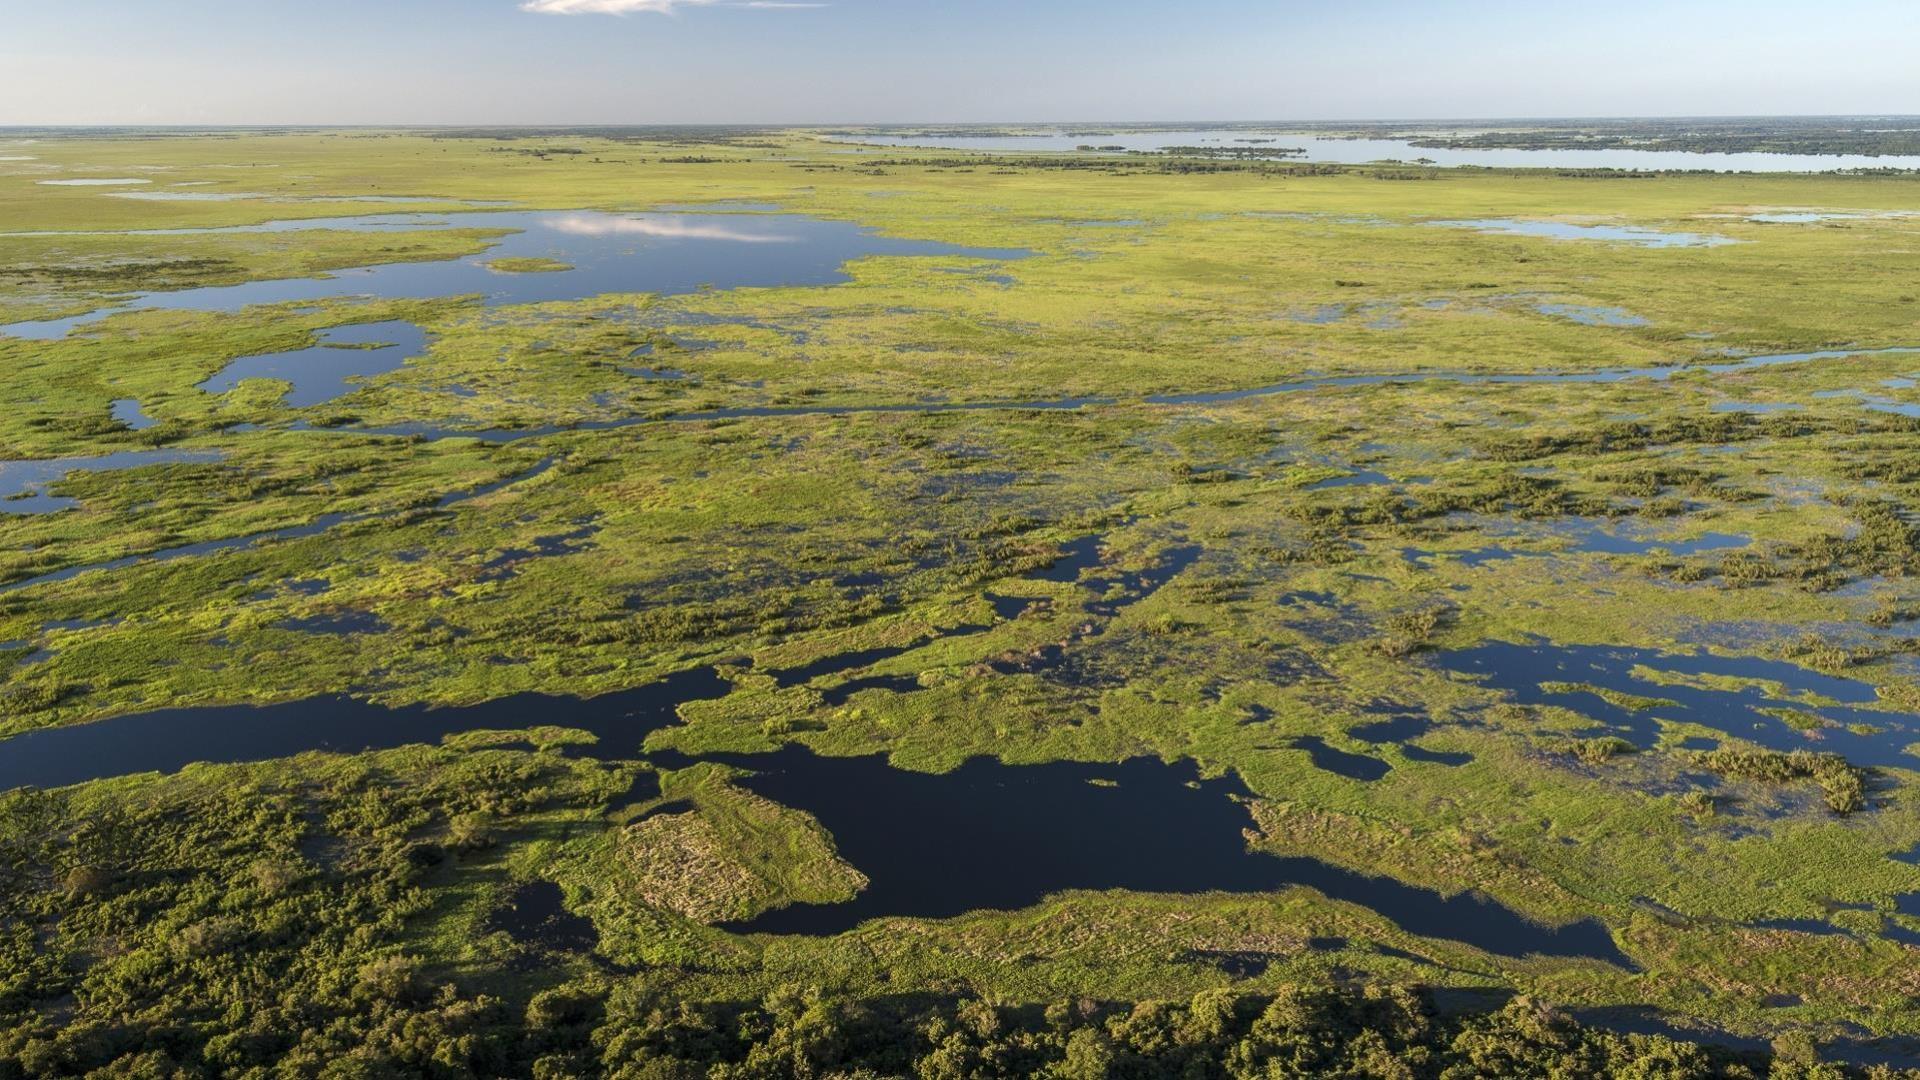 Brasilien Nord Pantanal: 4 Tage Reisebaustein - Pousada Piuval naturnah erleben